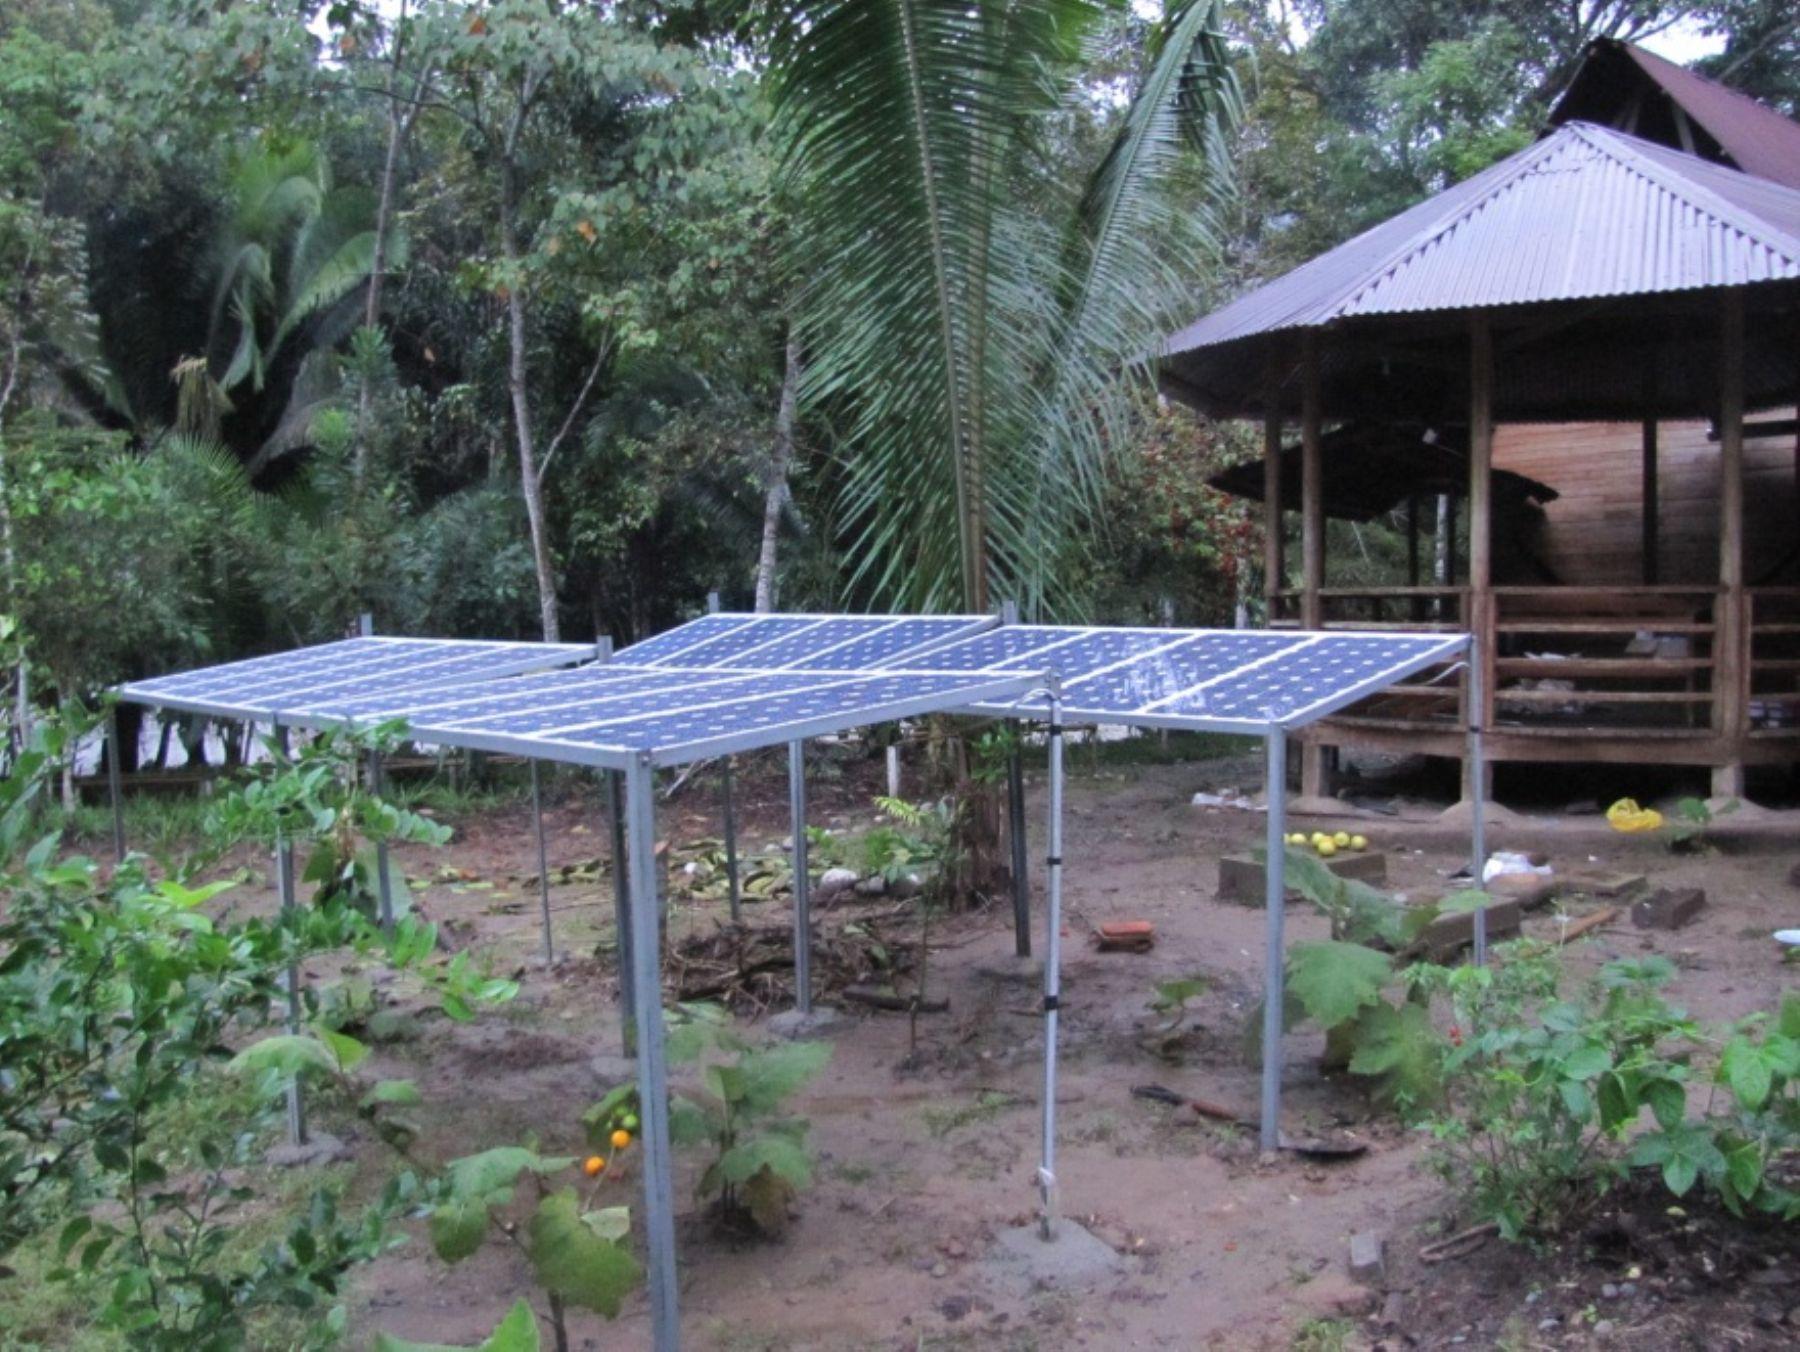 Instalan 16 paneles solares en la reserva nacional Río Abiseo, en San Martín, para transformar la energía solar directamente en energía eléctrica. Foto: Sernanp.